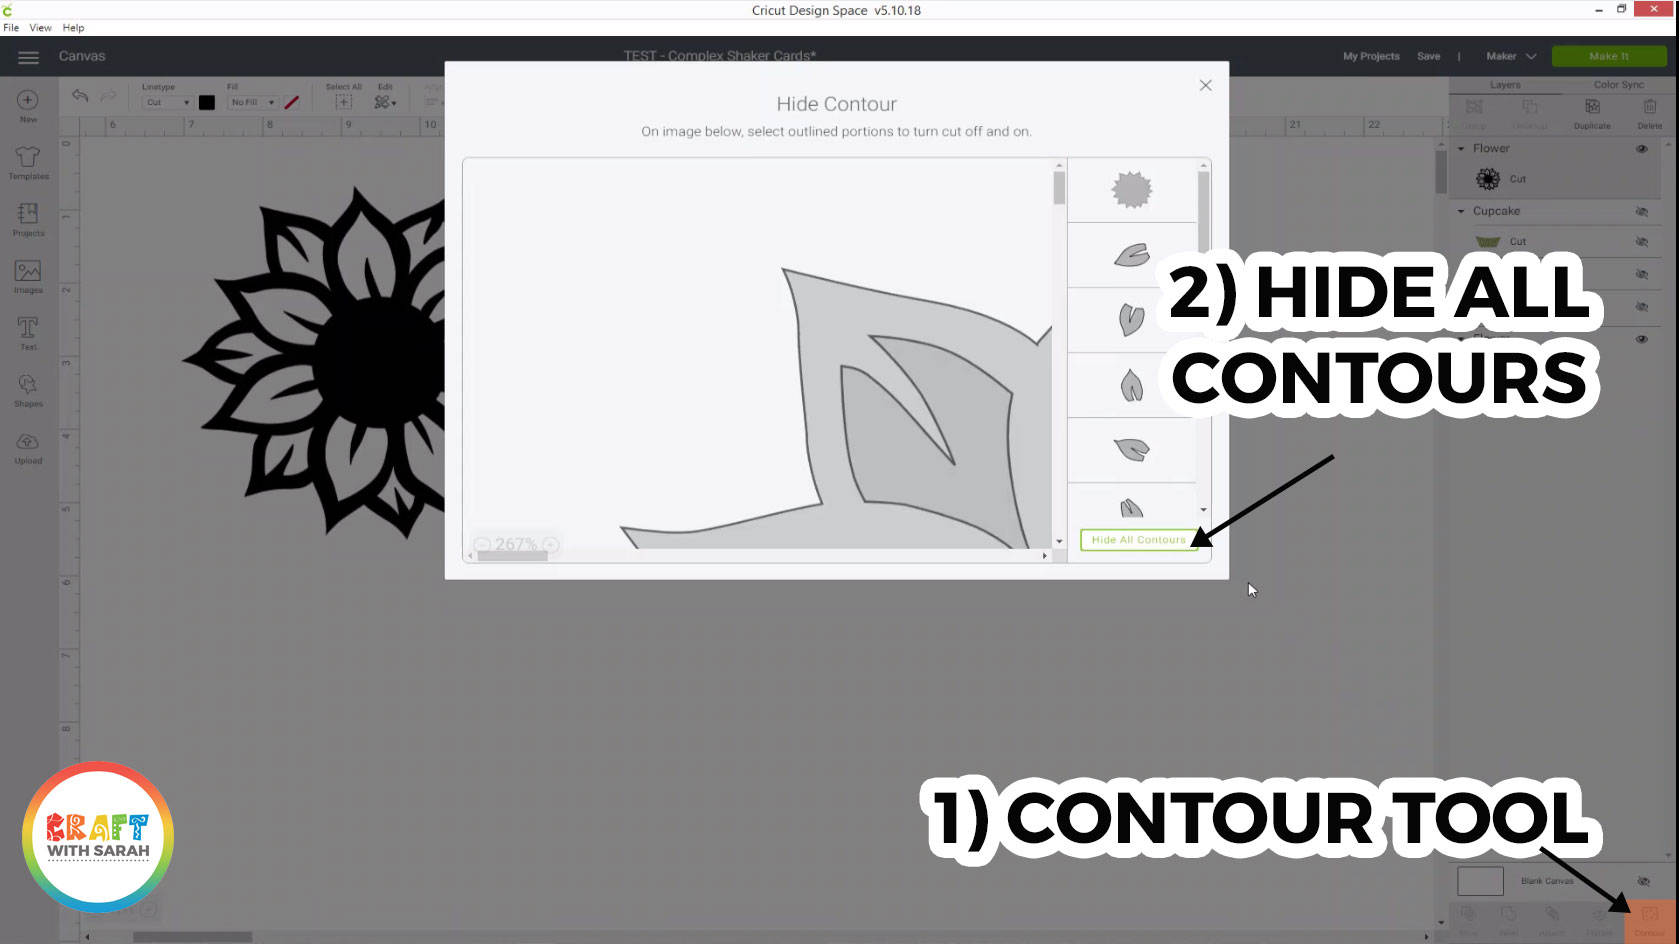 Hide all contours